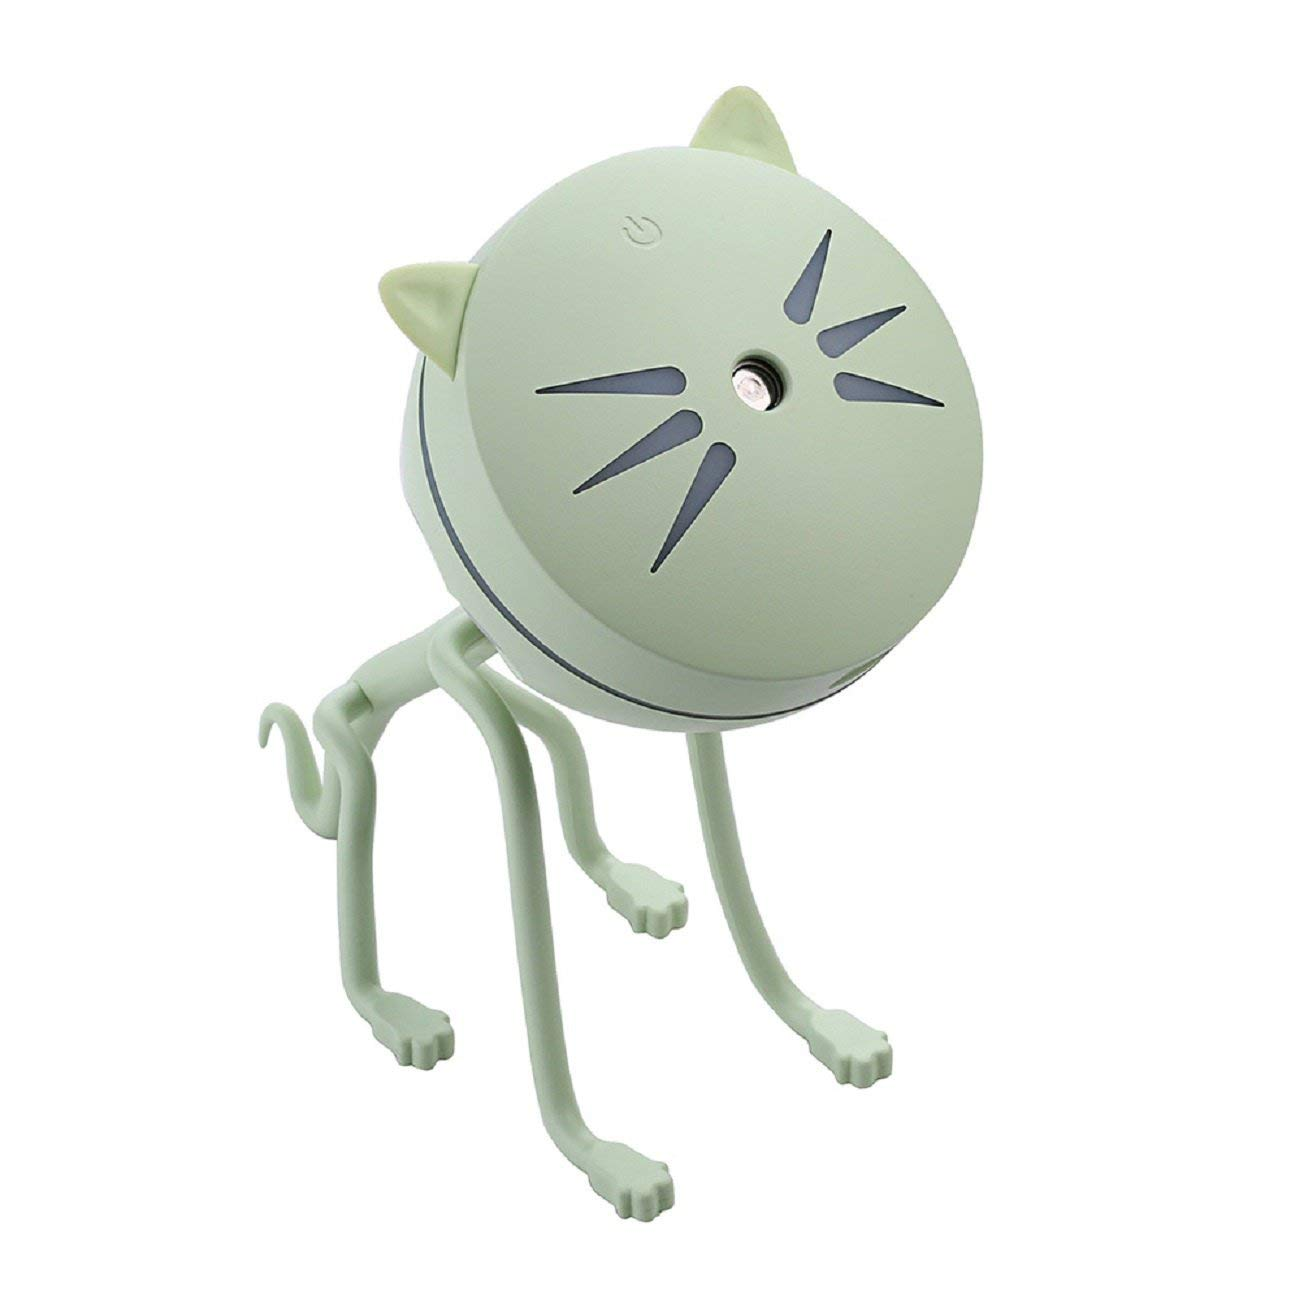 素敵な 150ミリリットル猫usb加湿器超音波車用芳香剤ホームアロマディフューザー空気清浄機ミニ空気水led電球ディフューザー サイズ (色 : : -, サイズ : -) -, B07Q71P6XY, シチカシュクマチ:62dba7d5 --- arianechie.dominiotemporario.com